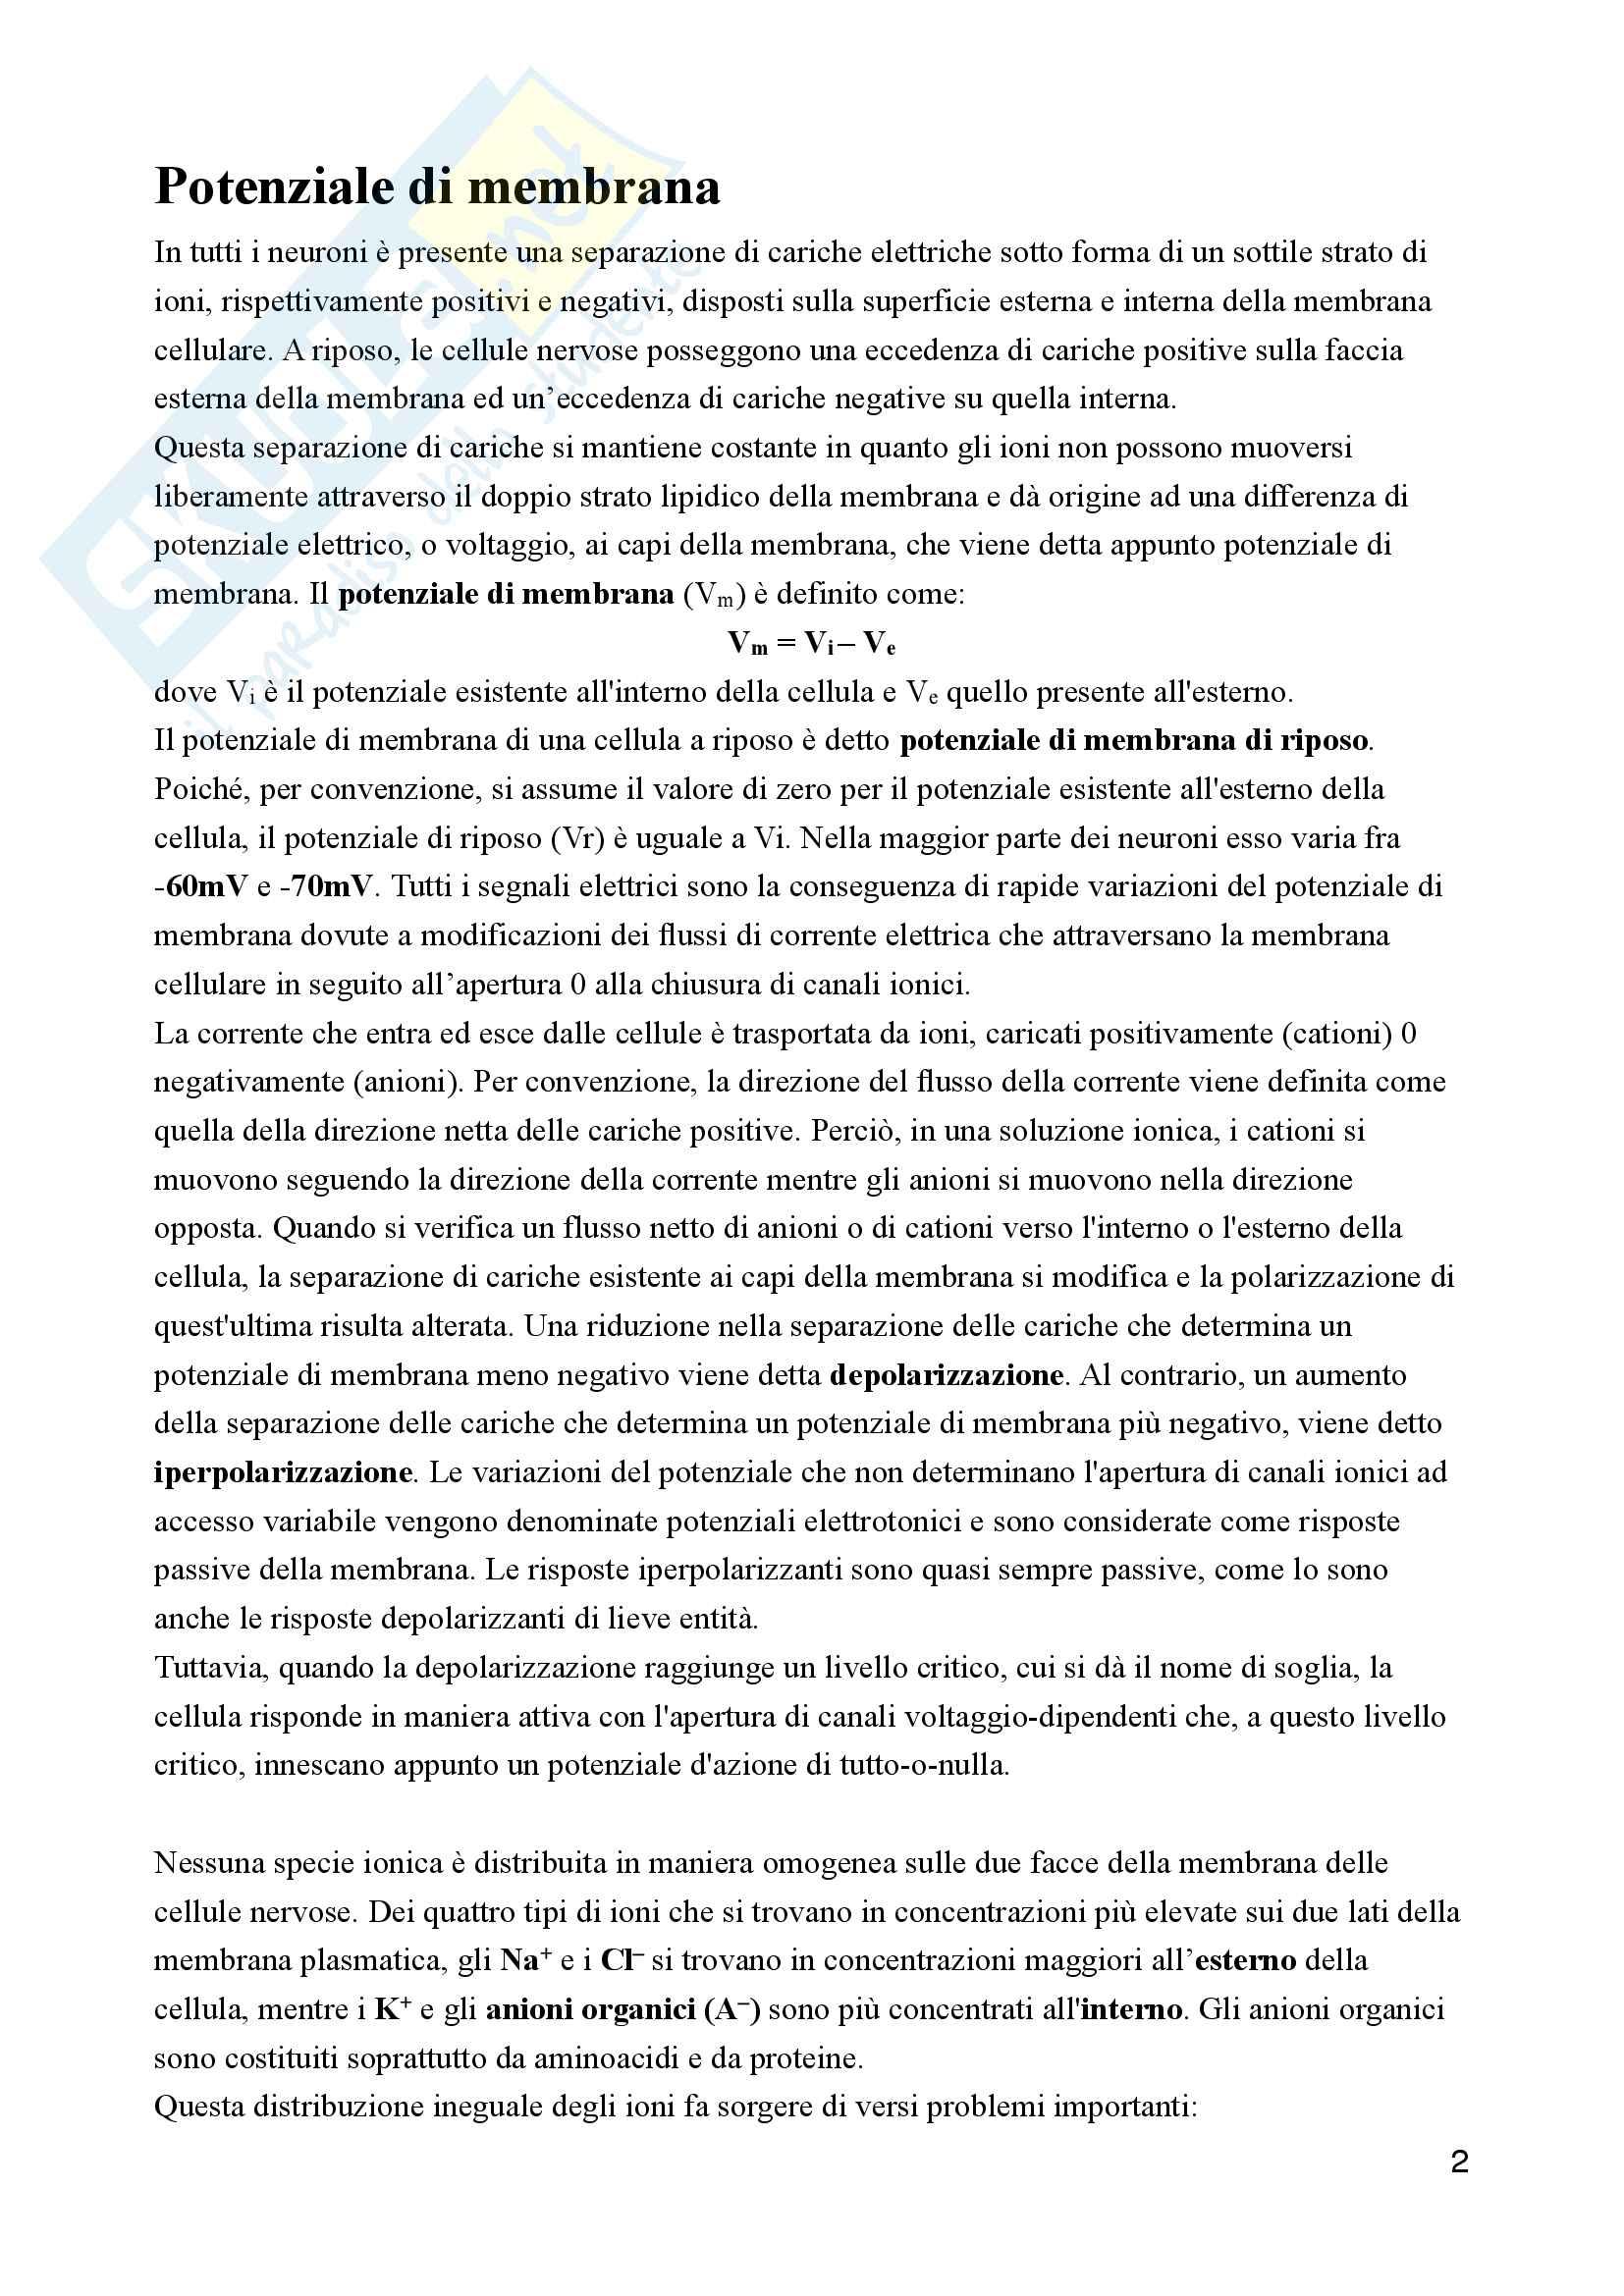 appunto P. Cavallari Fisiologia umana